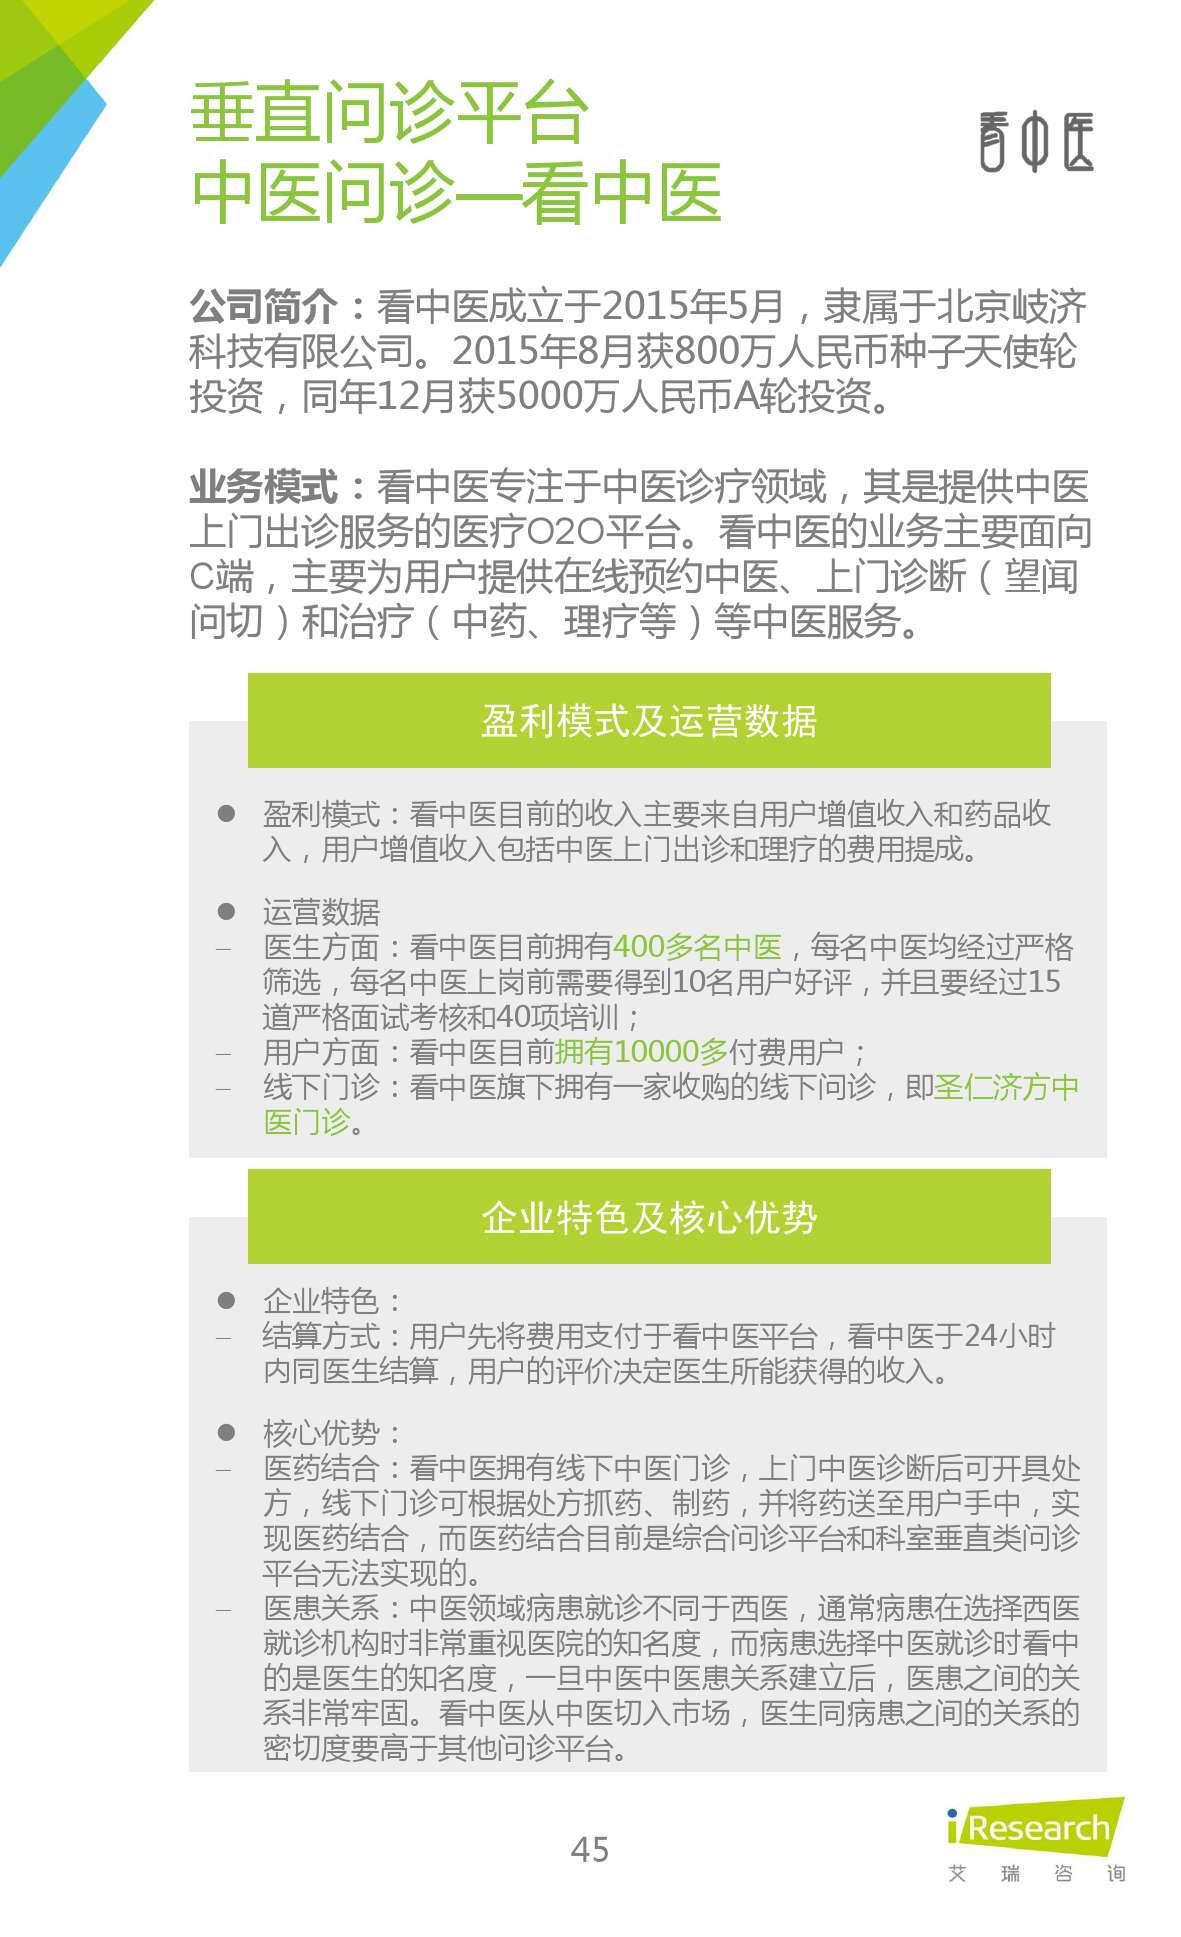 2015年中国在线问诊行业研究报告_000045